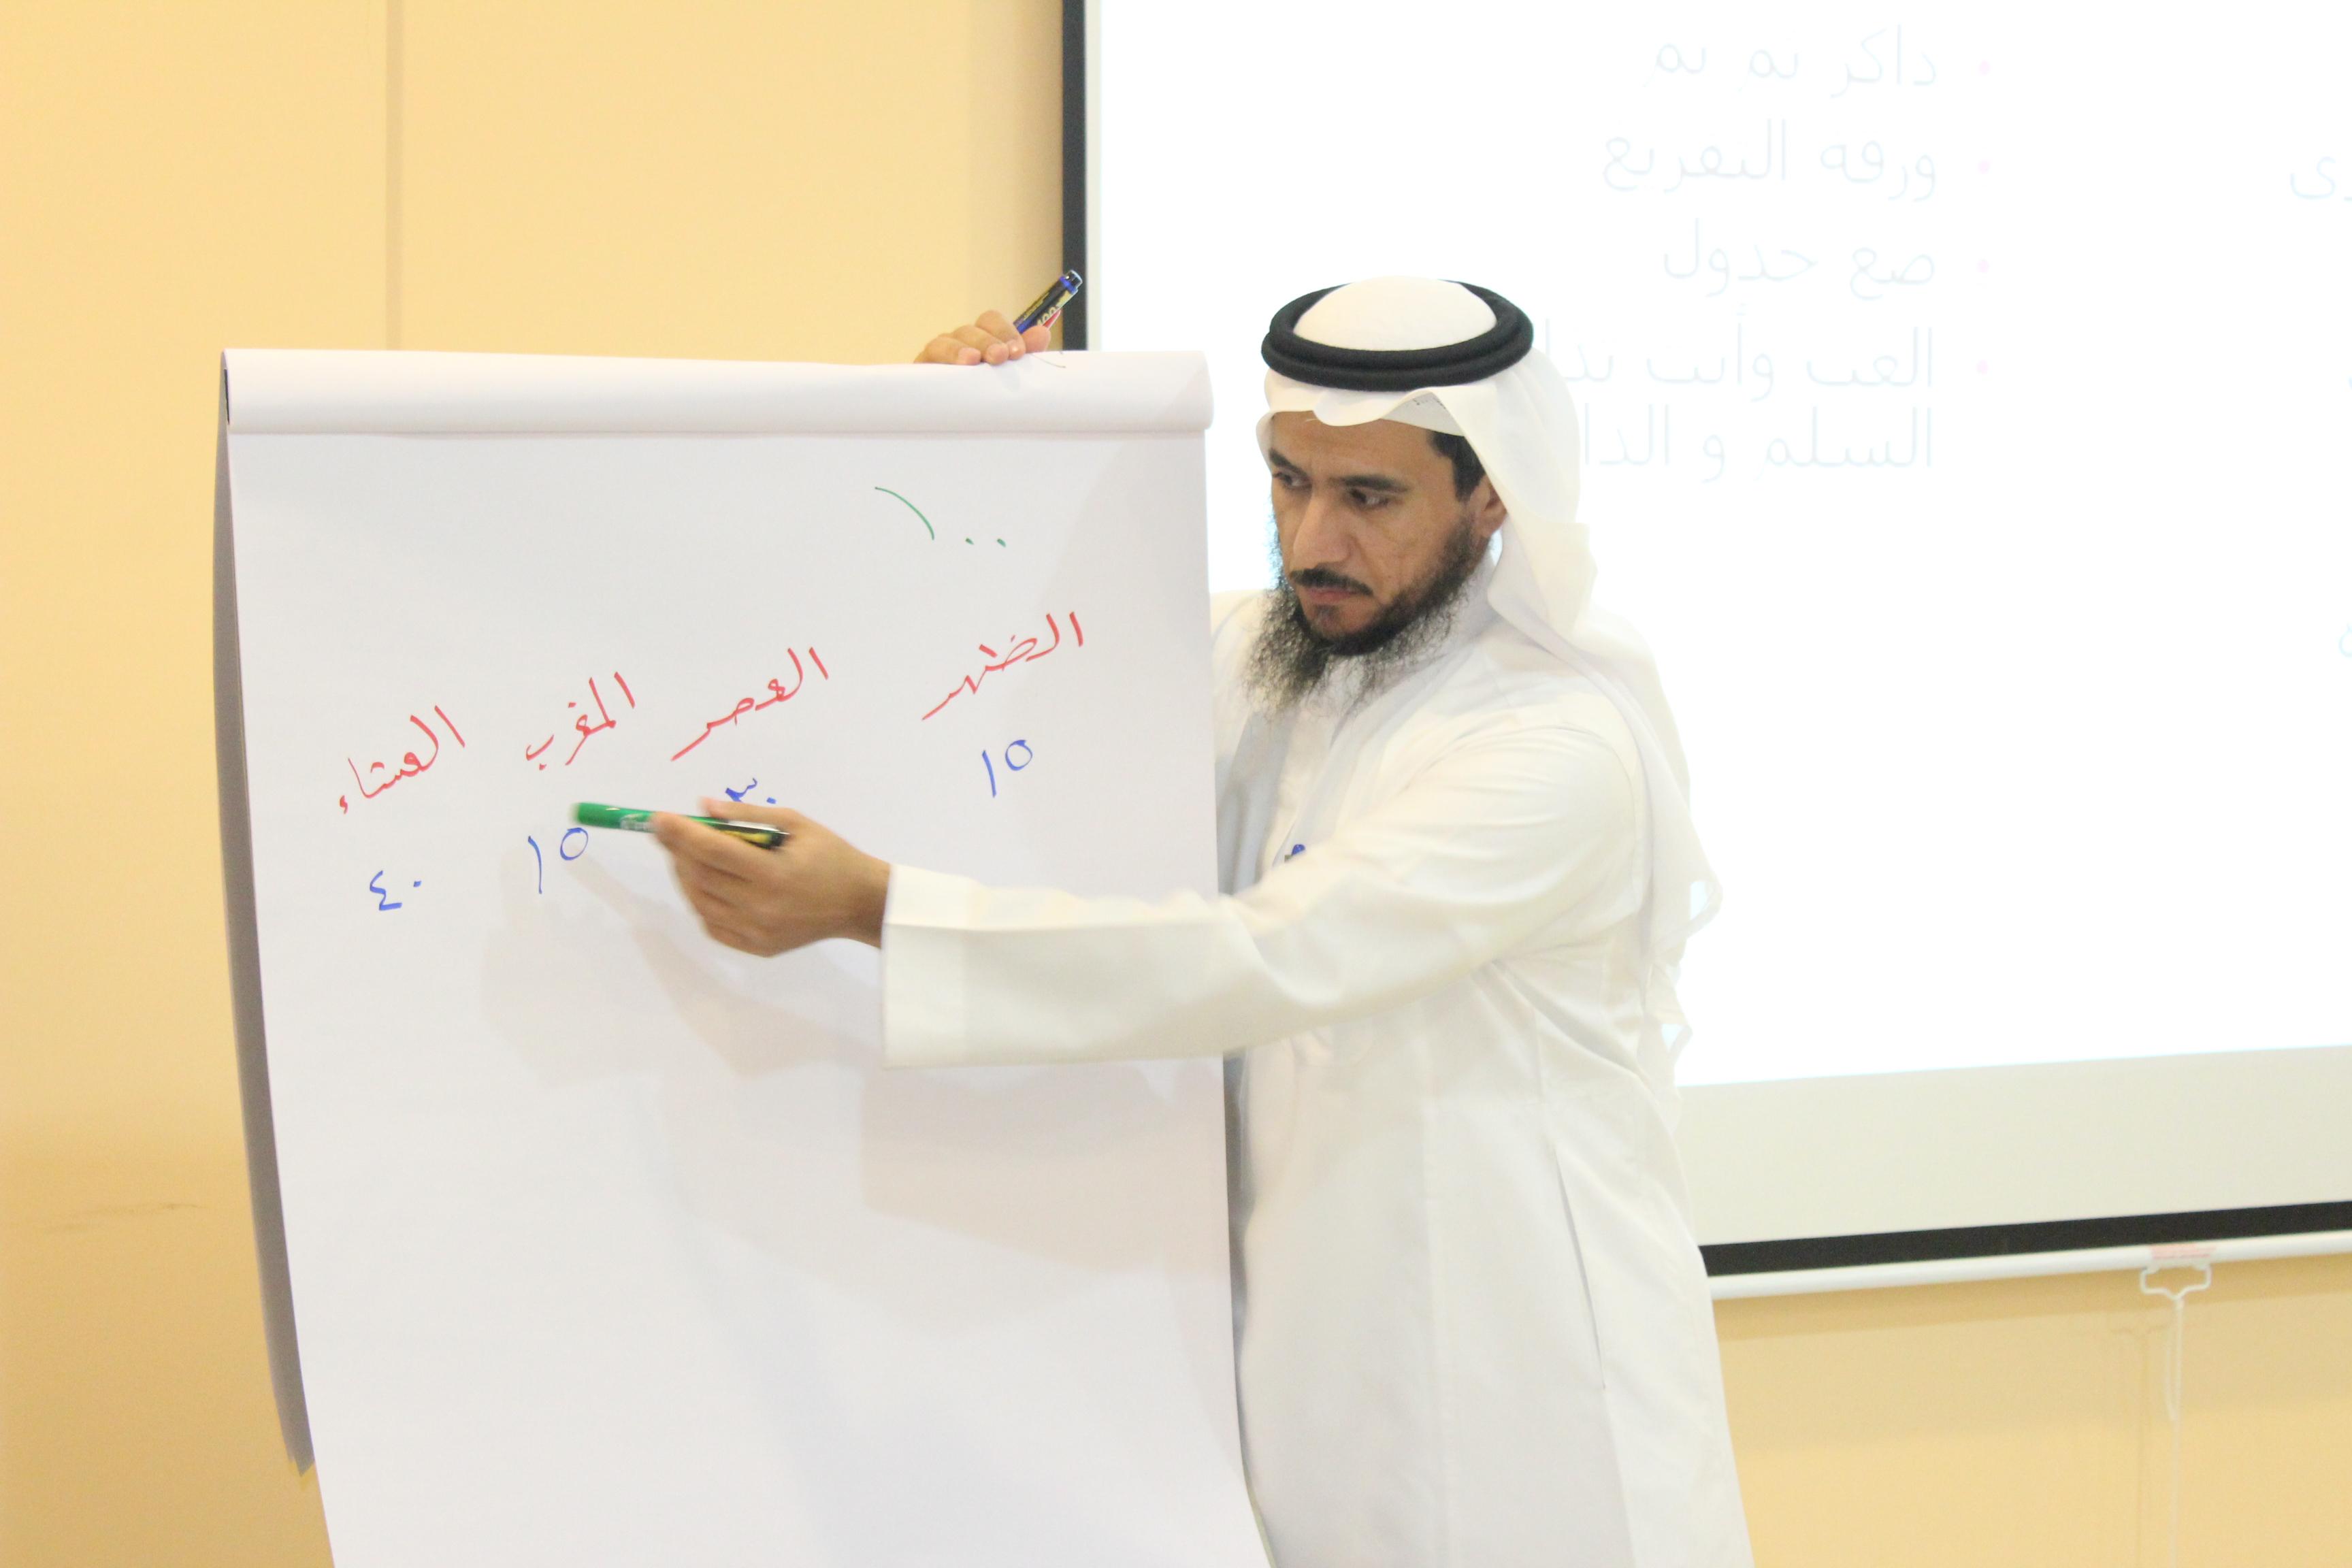 دورة بعنوان (كيف تذاكر للمجمعات والمدارس والمراكز للمدرب أ/ بدر الدبيان بمقر جمعية التحفيظ)